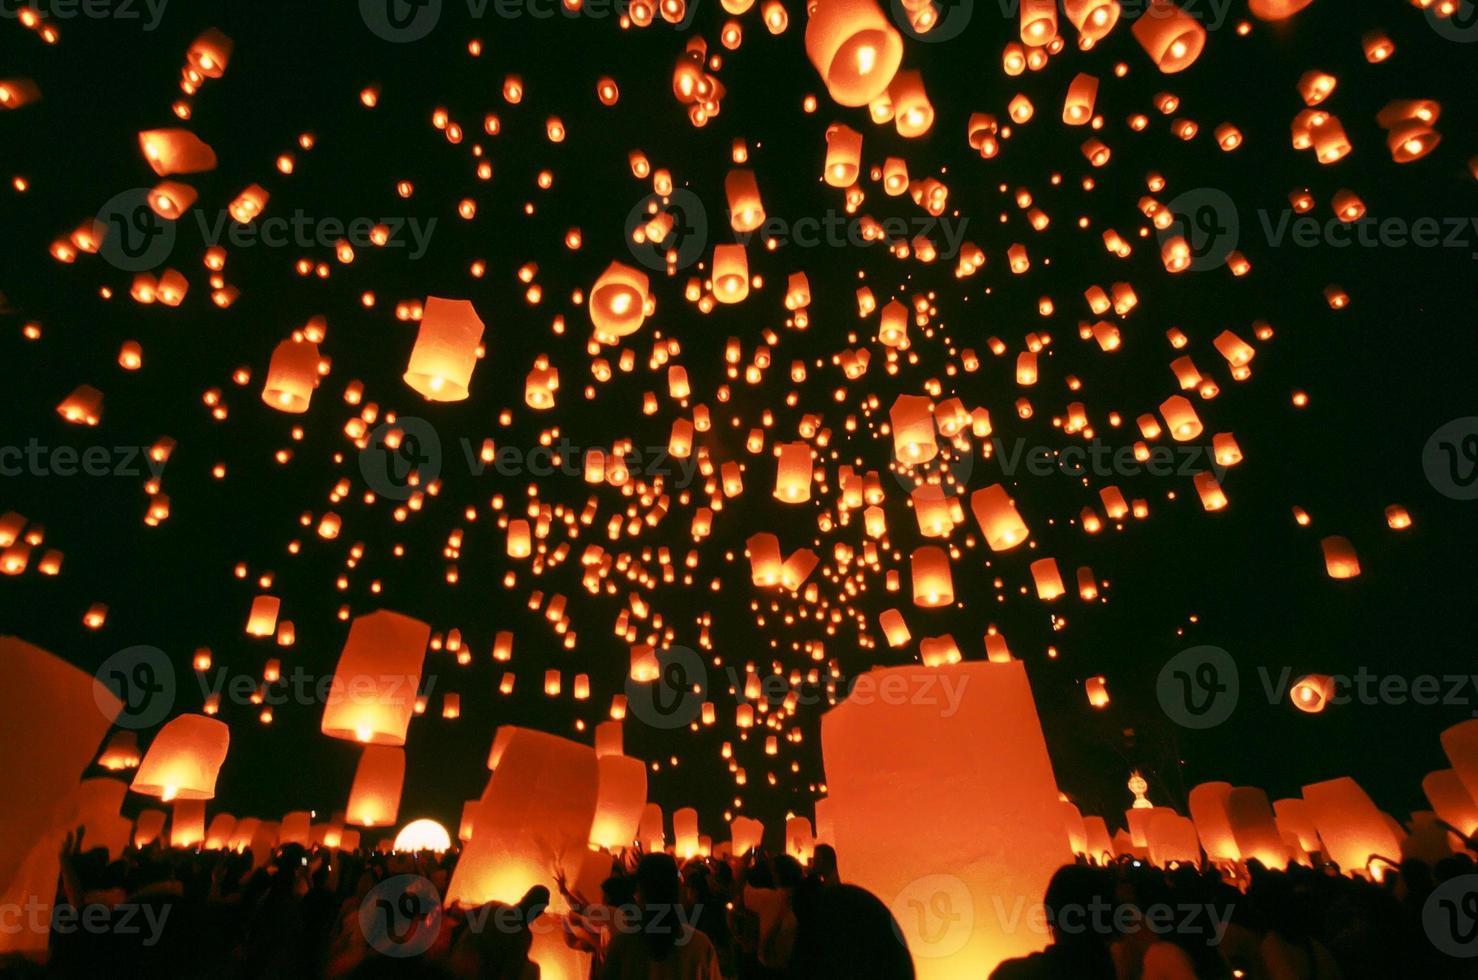 Floating lantern photo